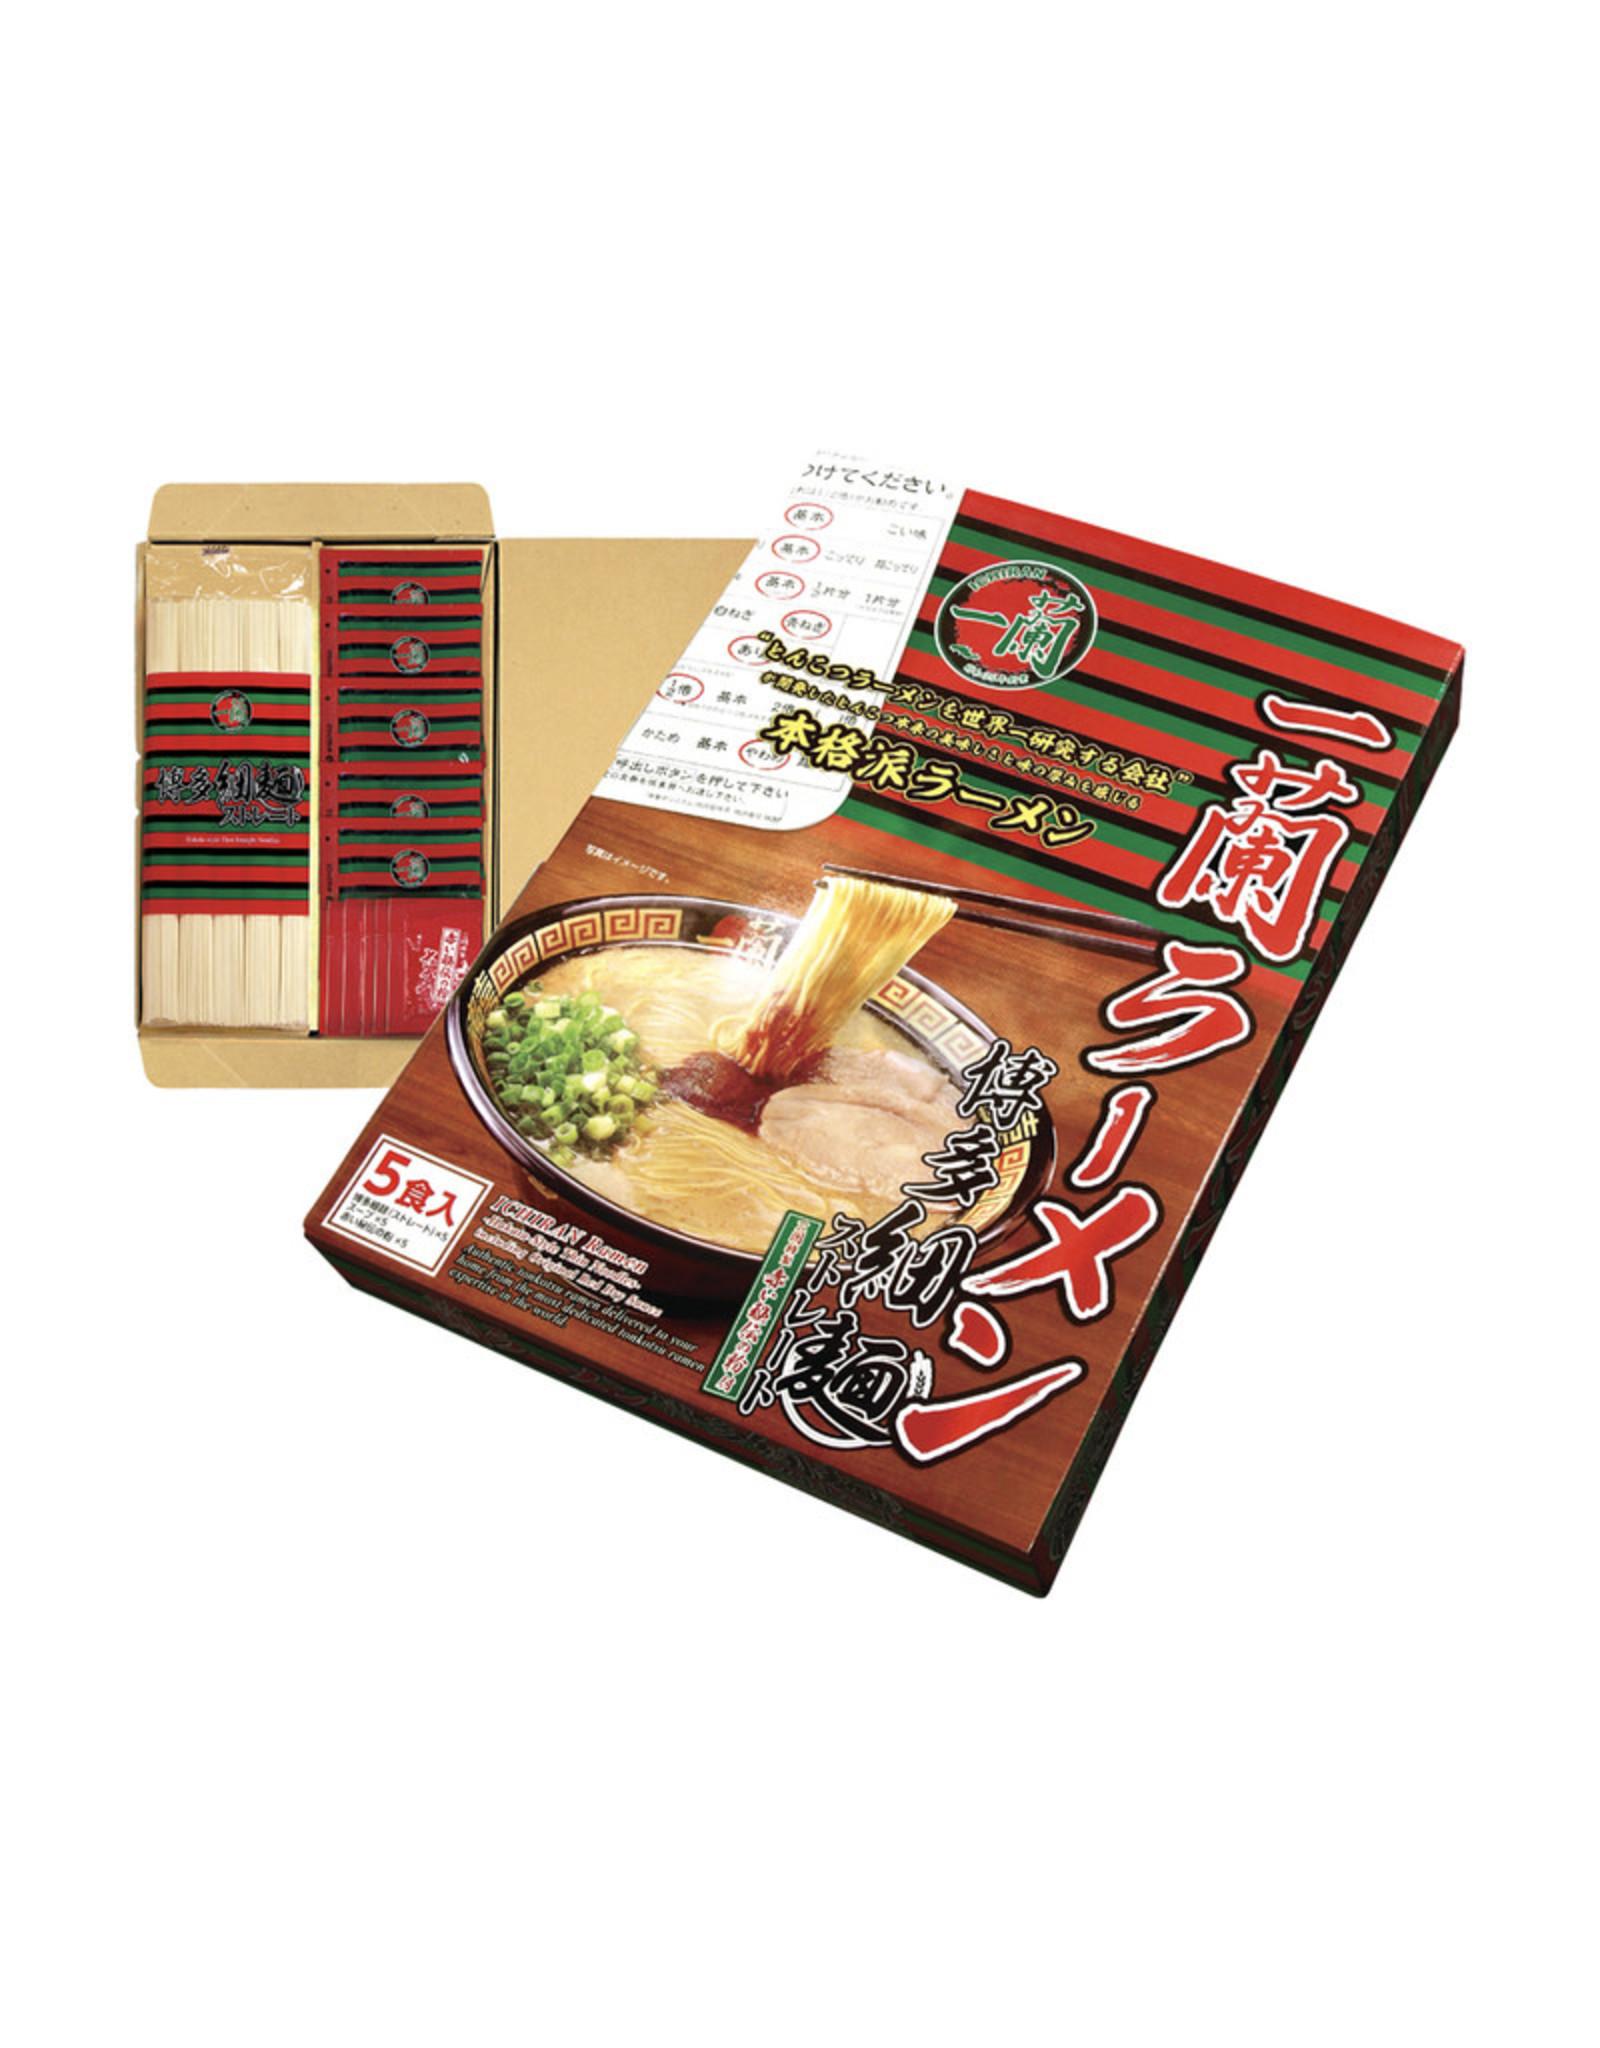 Ichiran Ramen Hakata-Style Thin Noddles (5 Pack)